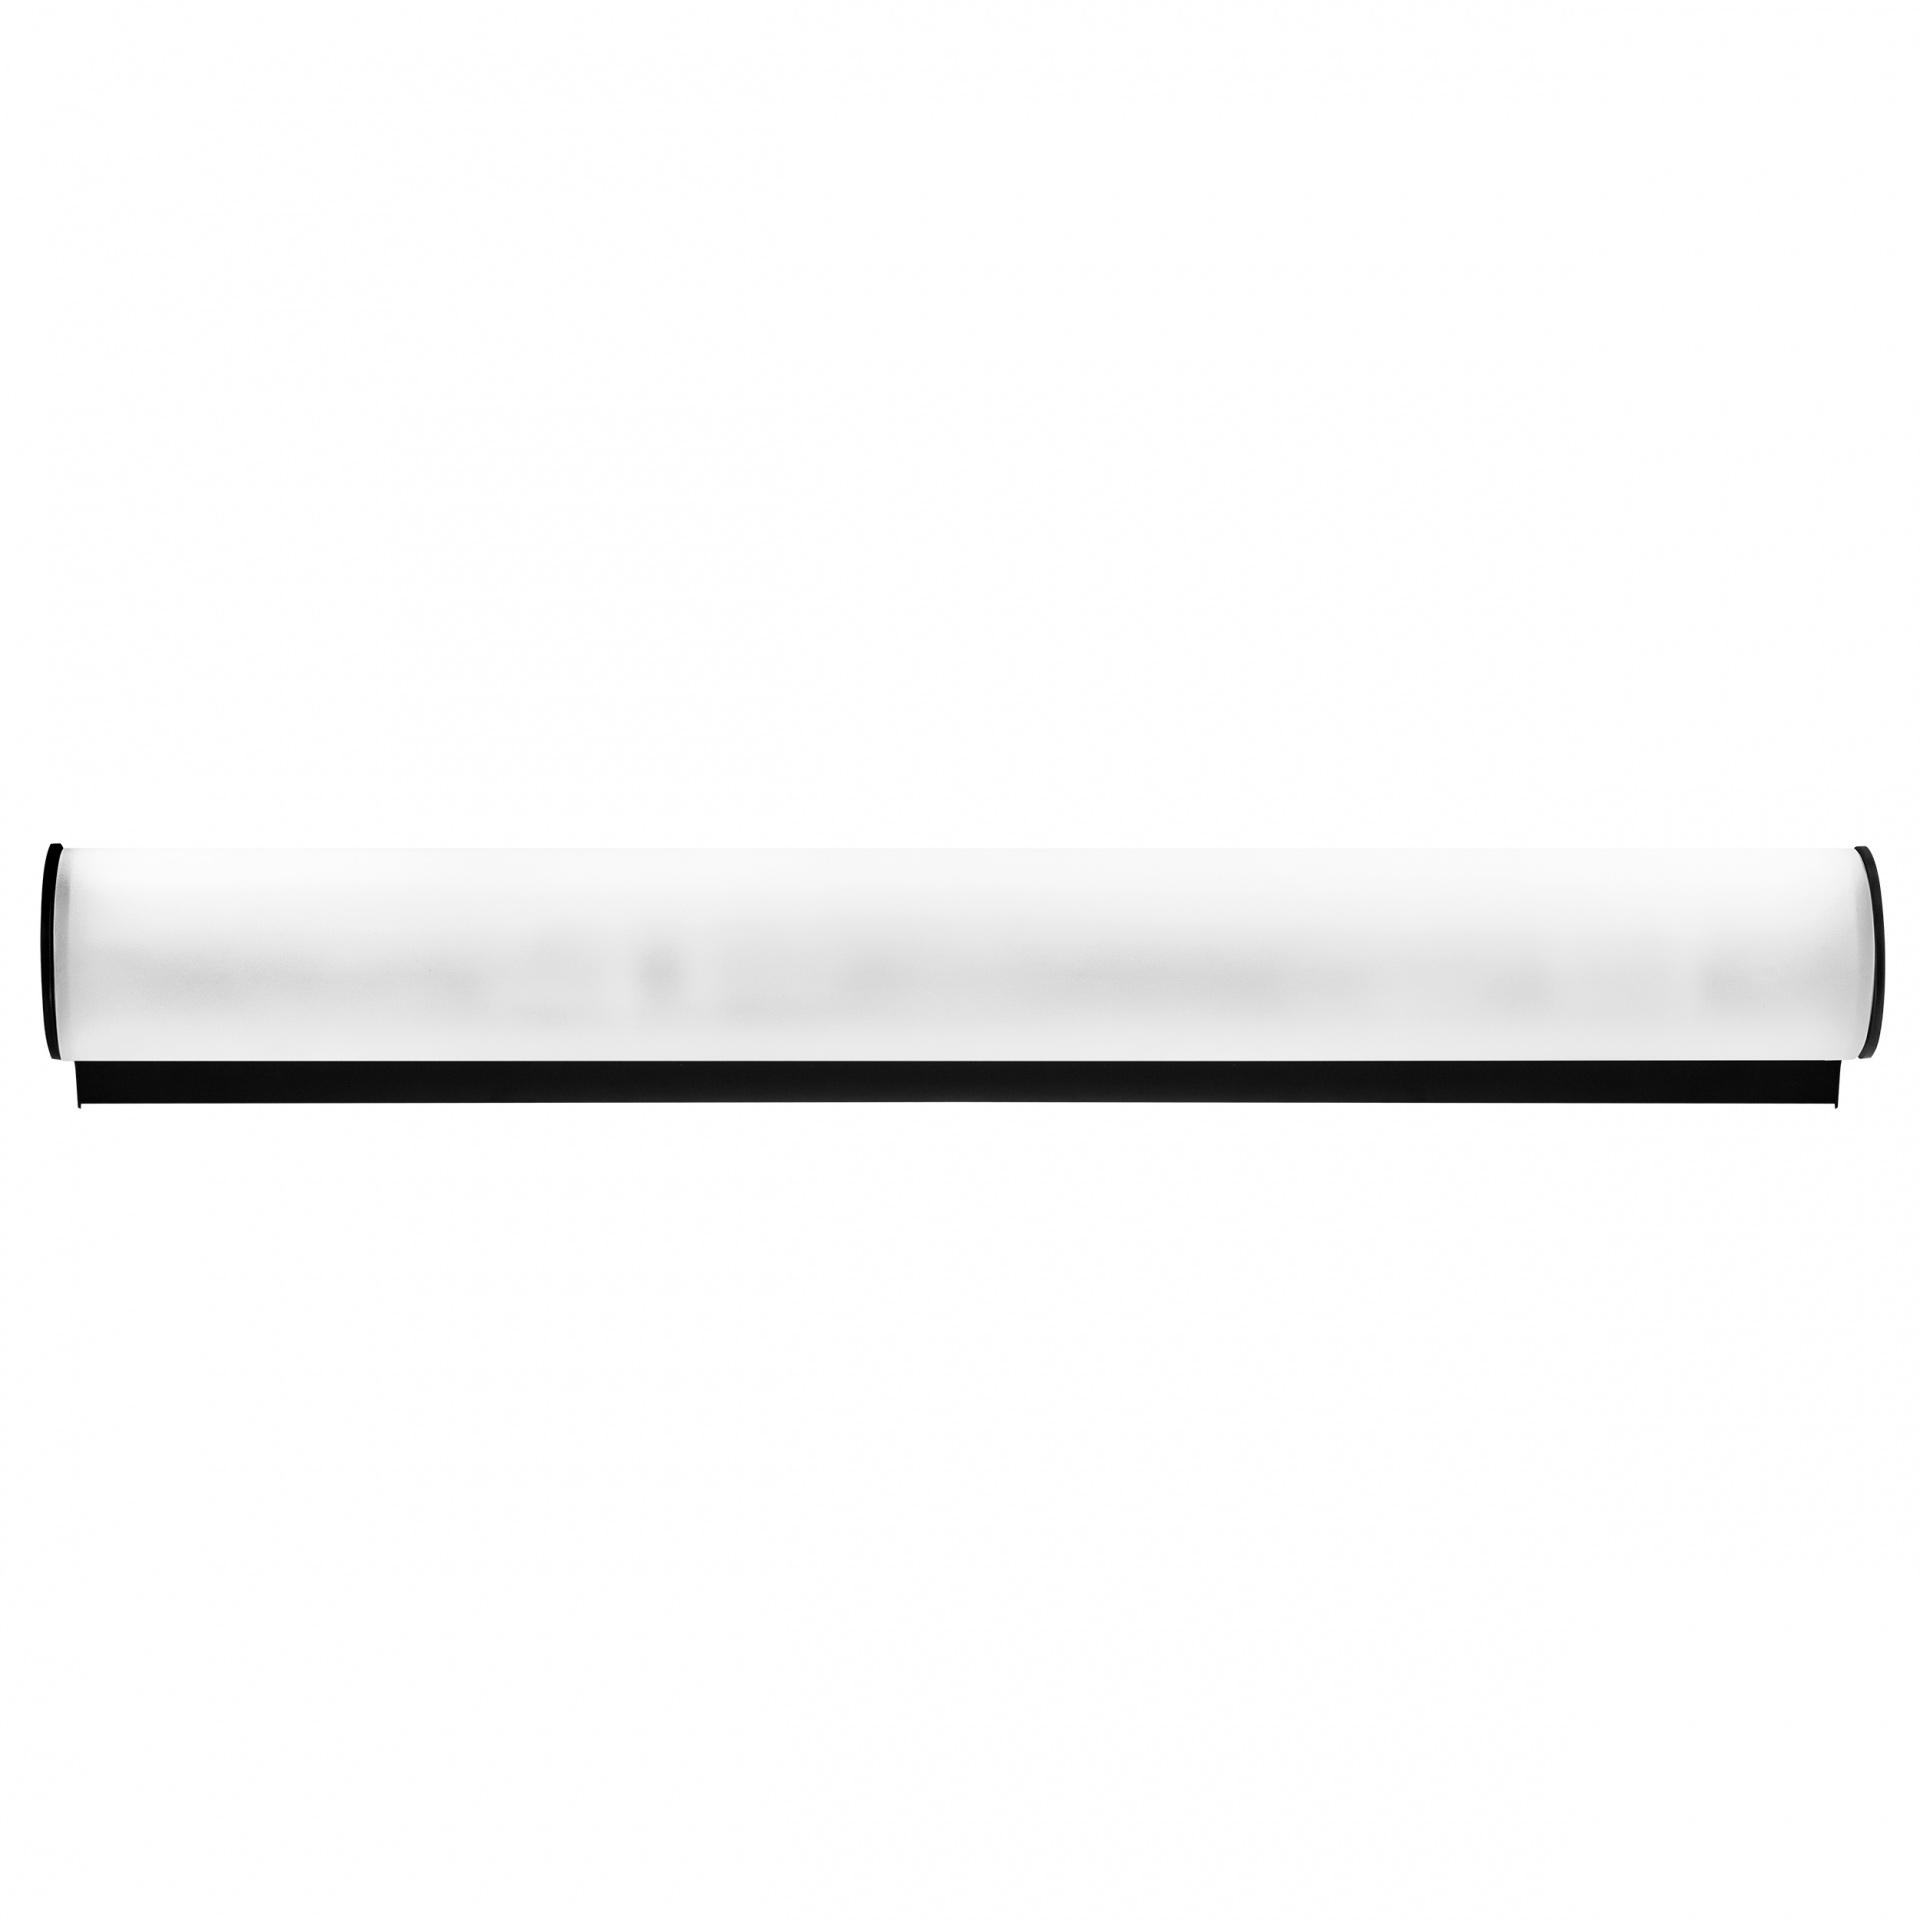 Светильник настенный Blanda 3х40W E14 черный / белый Lightstar 801837, купить в СПб, Москве, с доставкой, Санкт-Петербург, интернет-магазин люстр и светильников Starlight, фото в жизни